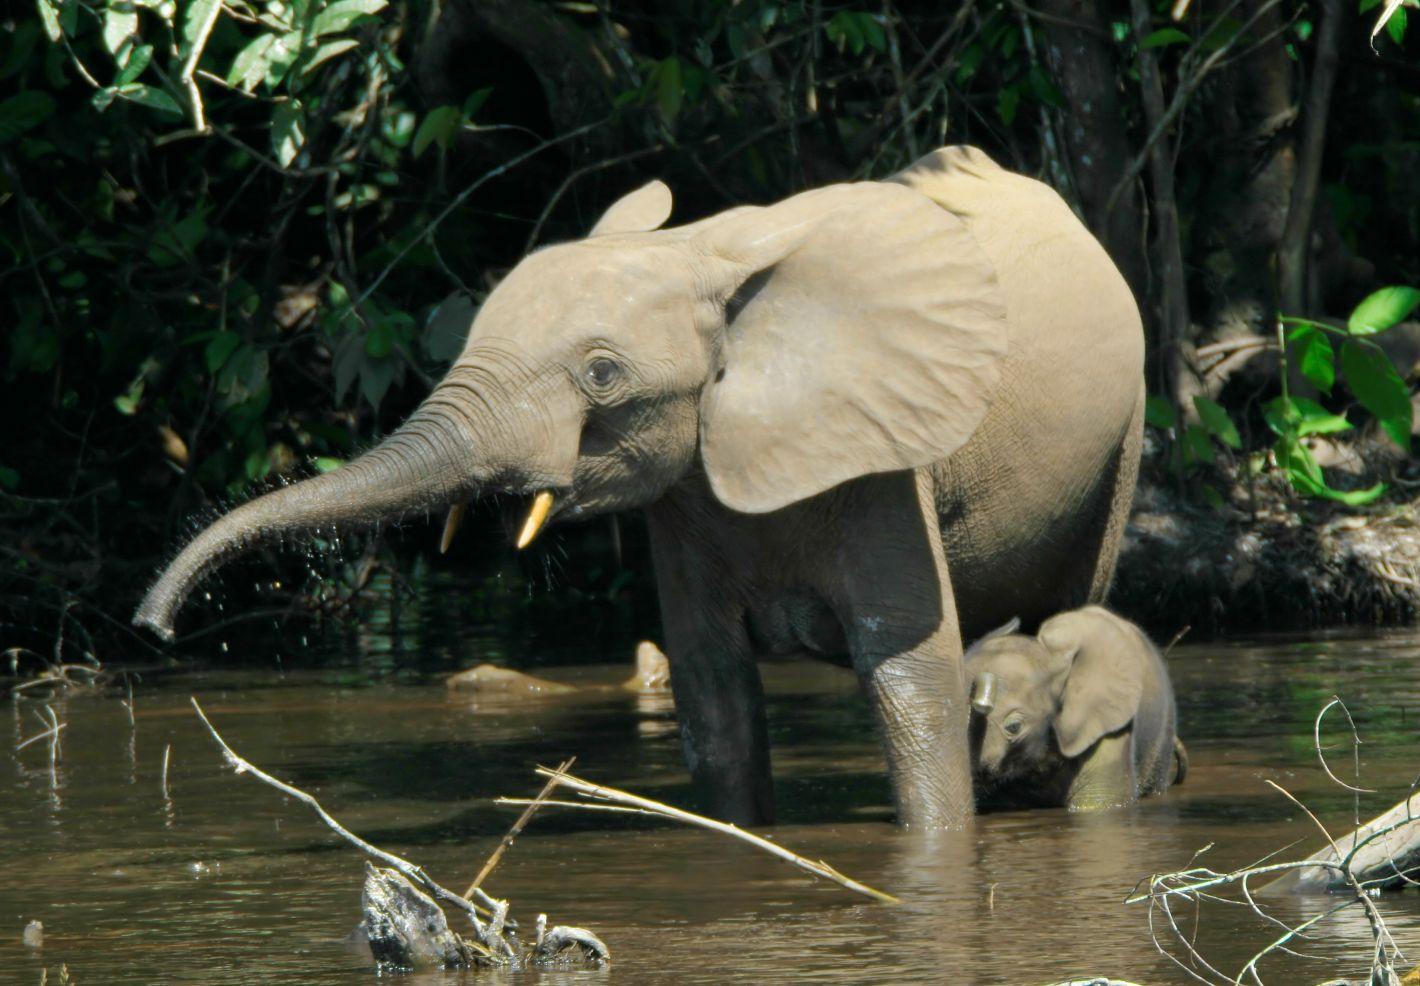 Eléphants de Forêt (Loxodonta cyclotis) dans le marais Mbeli Bai au Nouabalé-Ndoki National Park au Congo